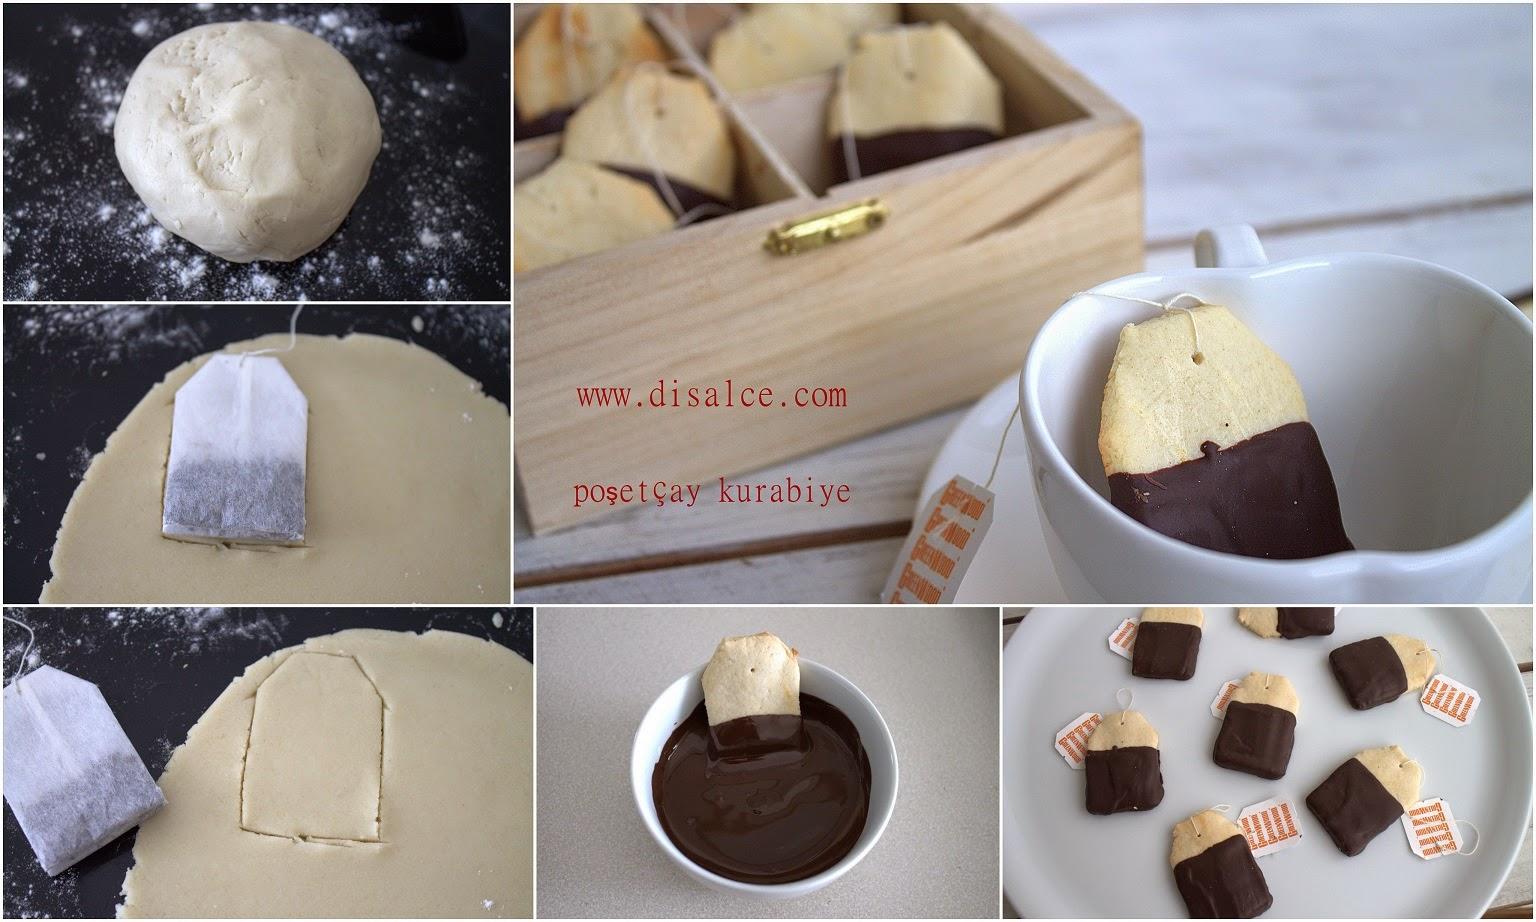 farklı kurabiye şekilleri